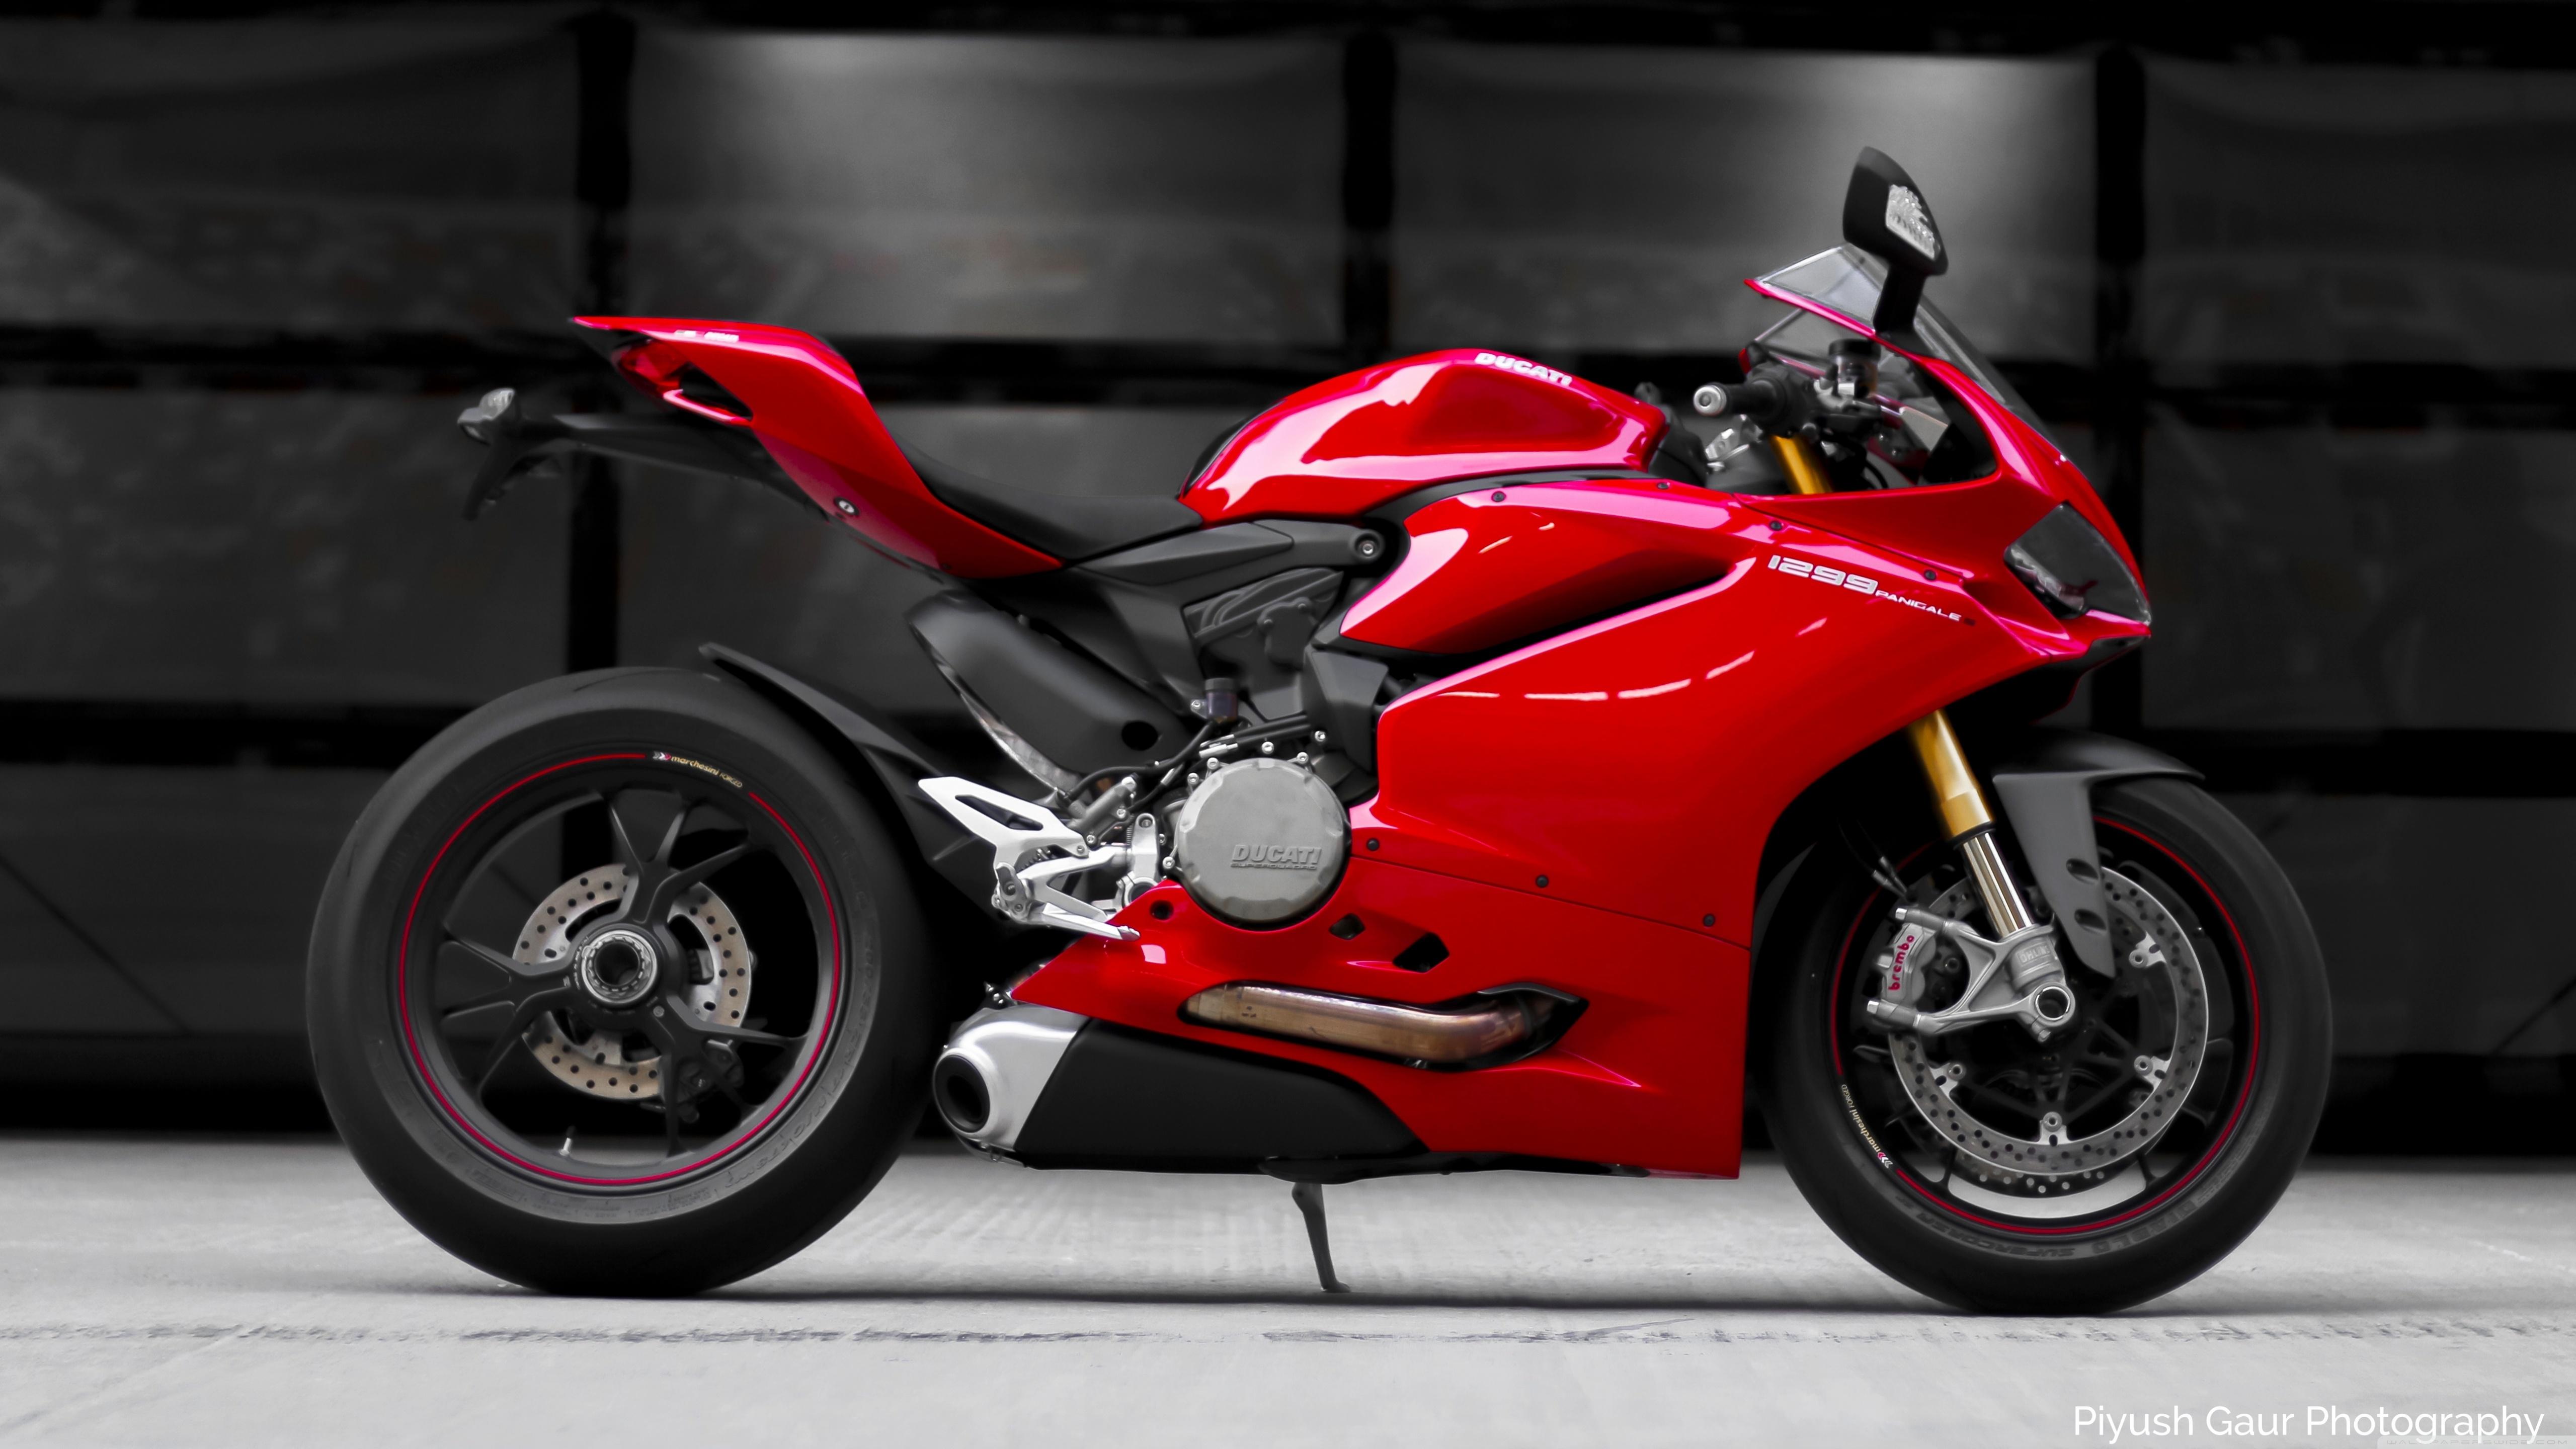 Ducati Panigale 1299S 4K HD Desktop Wallpaper for 4K Ultra HD 5120x2880